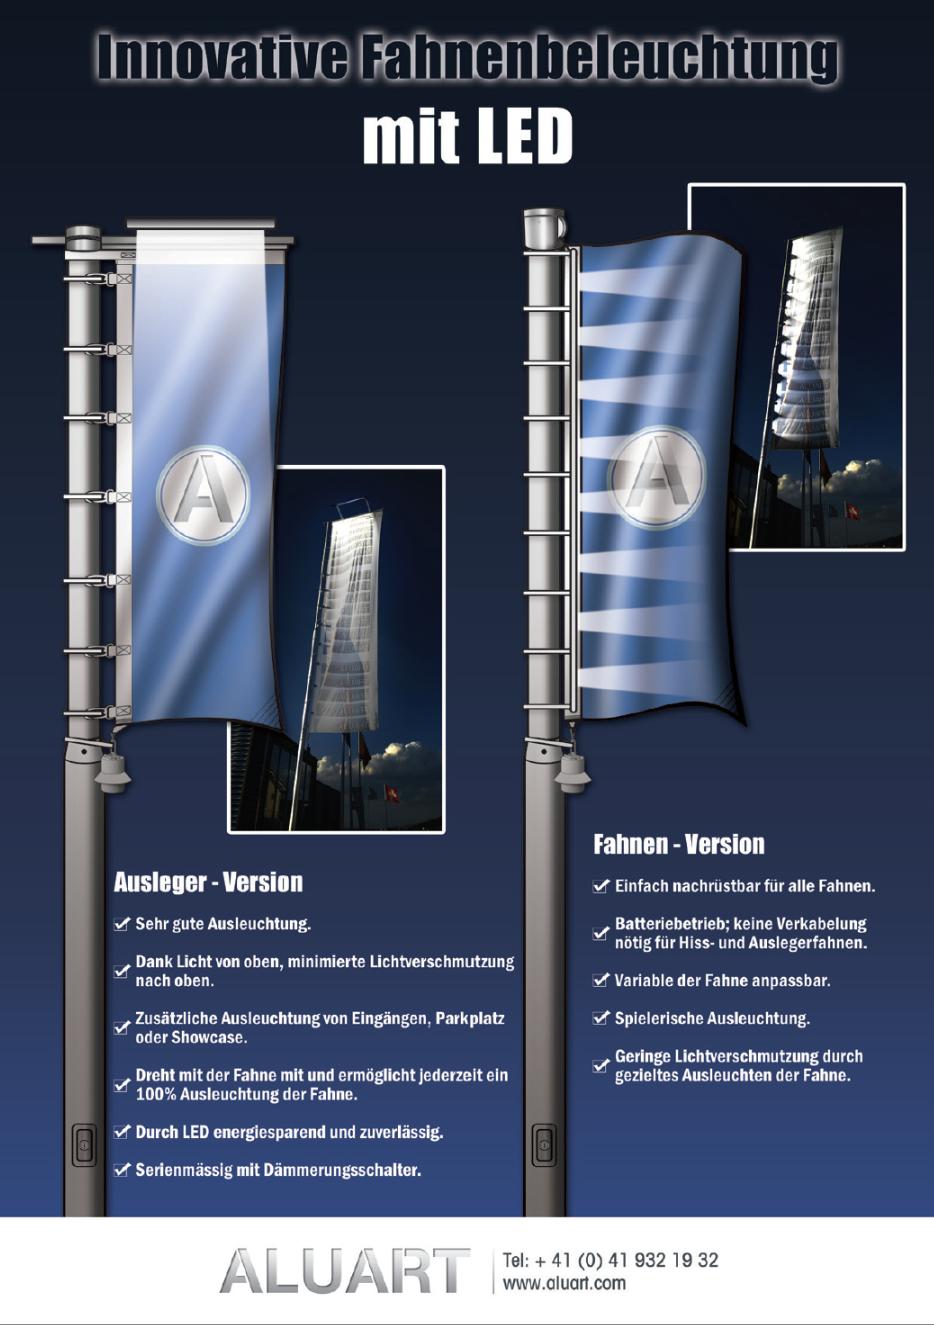 Integrale Fahnenbeleuchtung